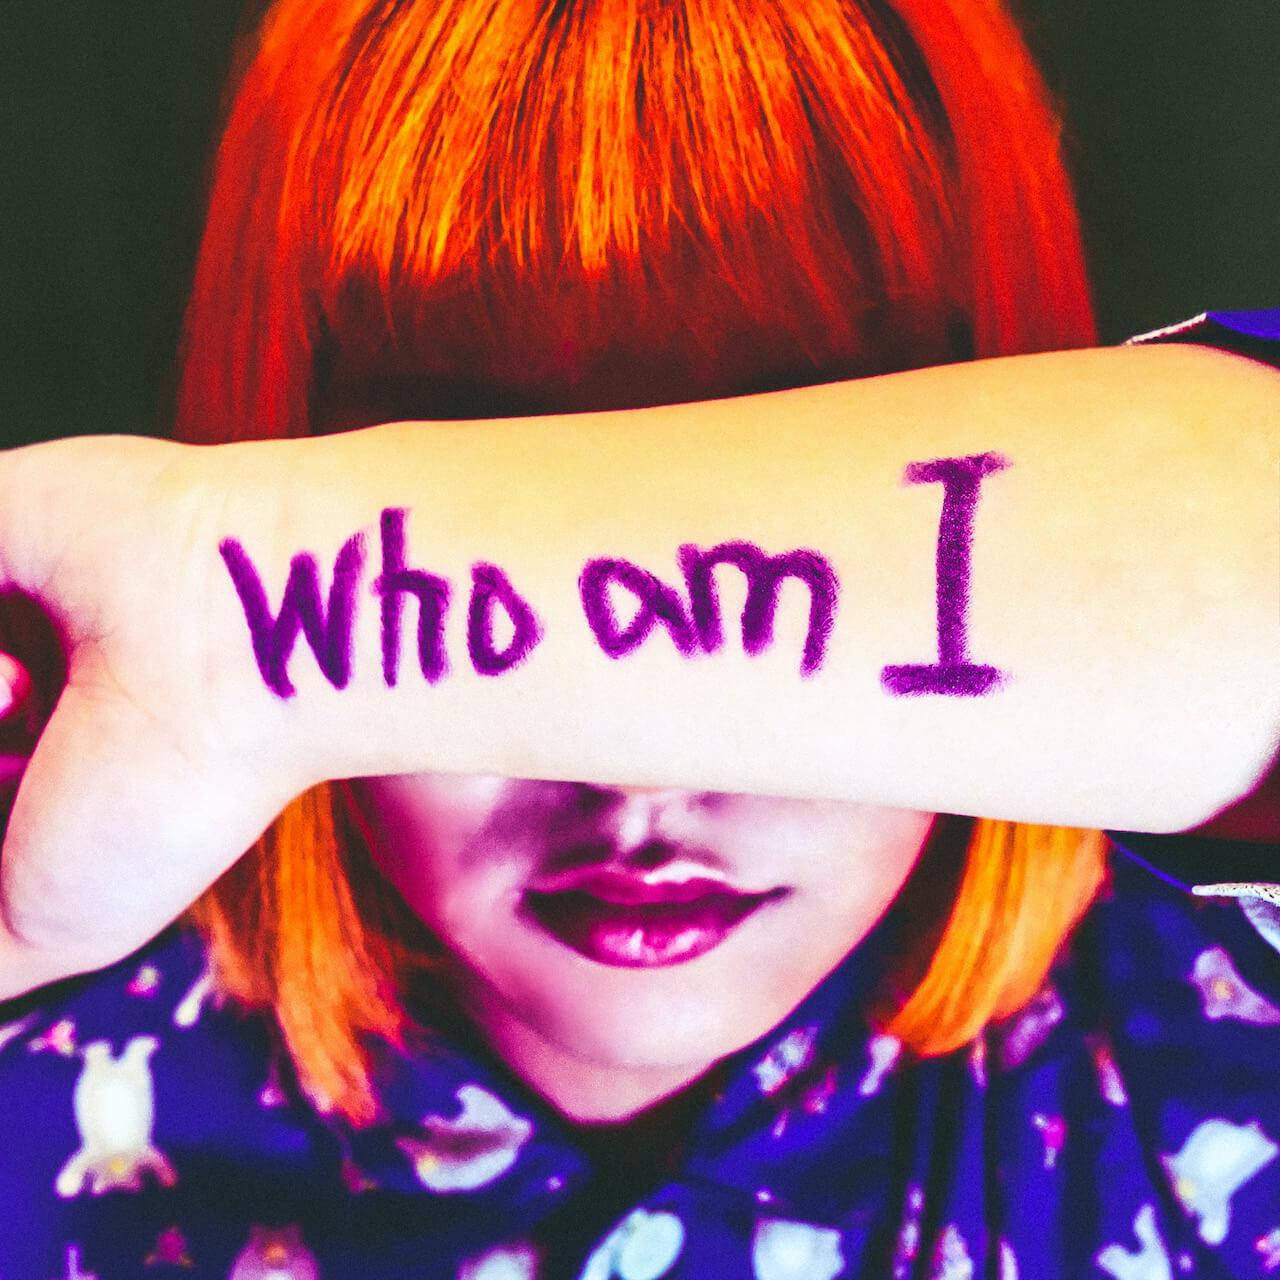 謎多きユニット、カメレオン・ライム・ウーピーパイが新曲「Who am I」をリリース music200805-clwp-2